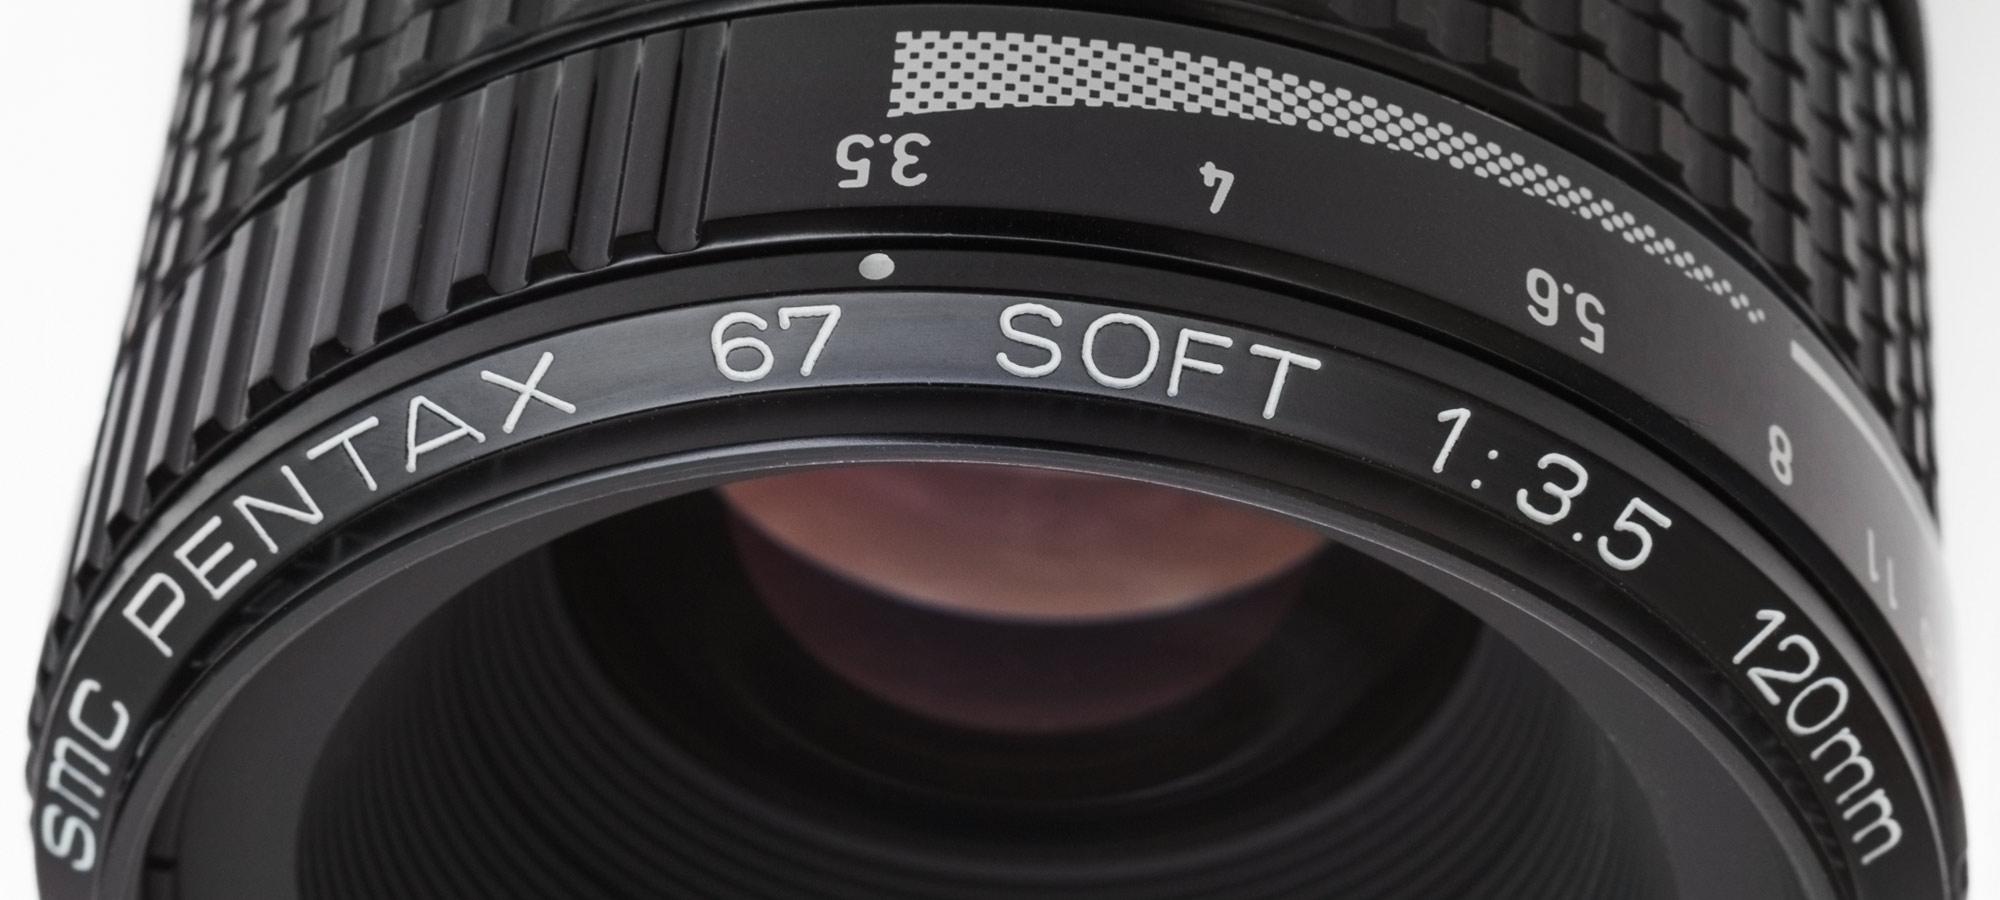 PENTAX 67 120mm 1:3.5 SOFT © Sasha Krasnov Photography